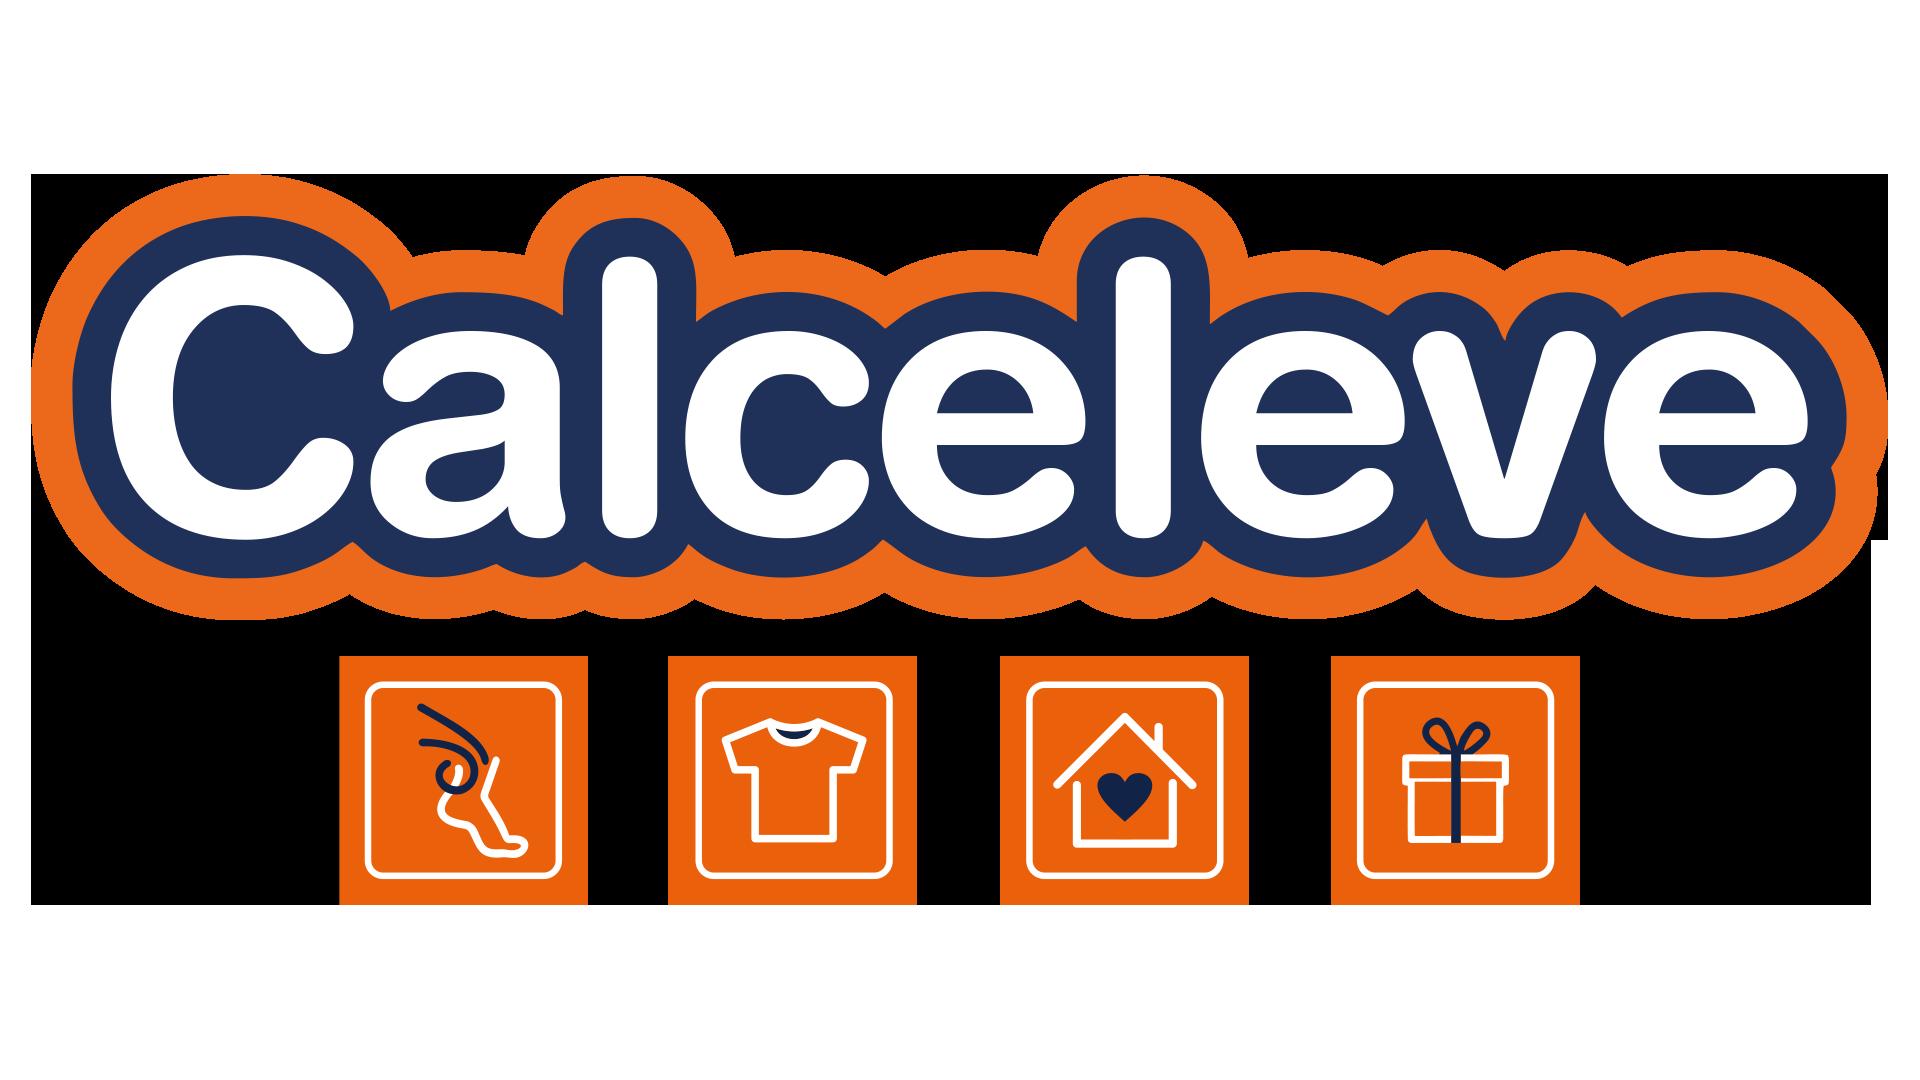 Calceleve